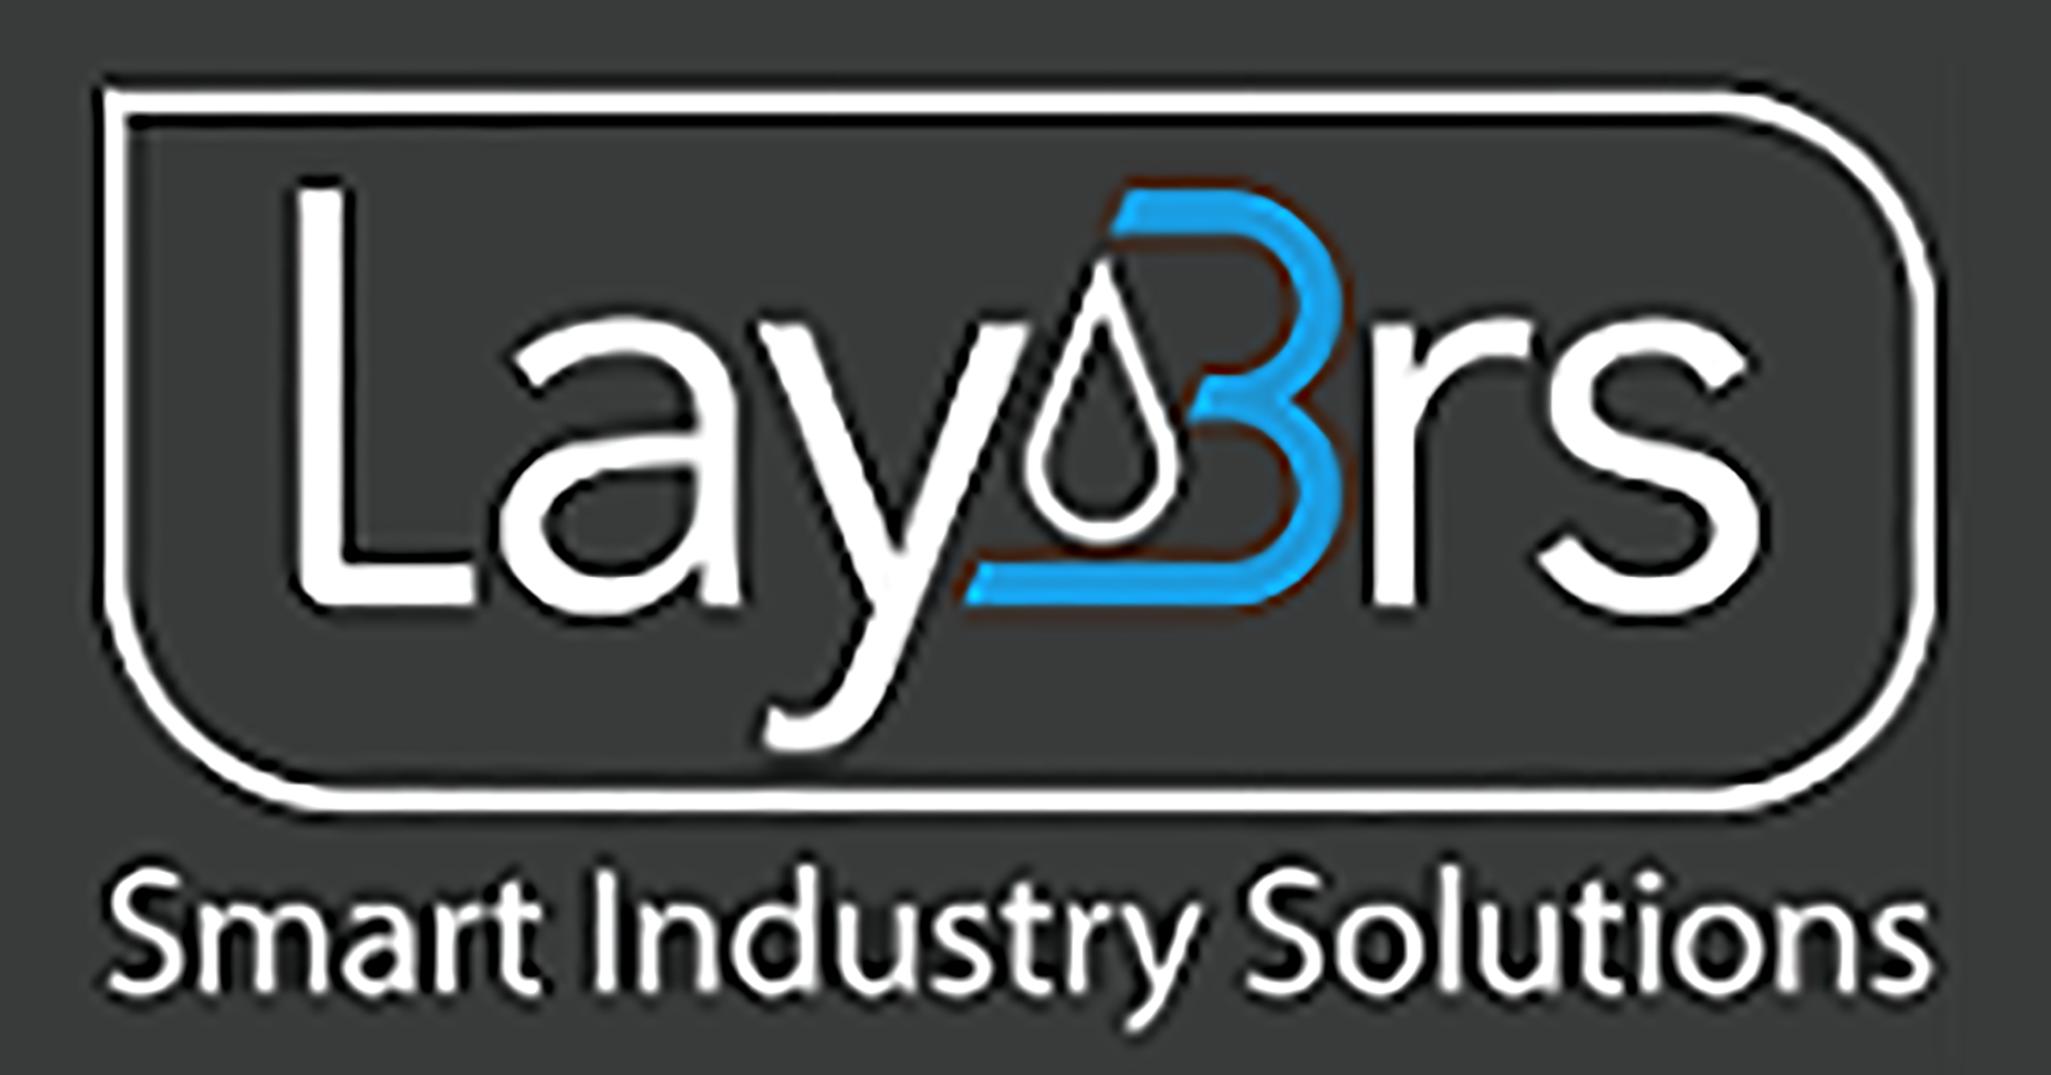 lay3rs logo